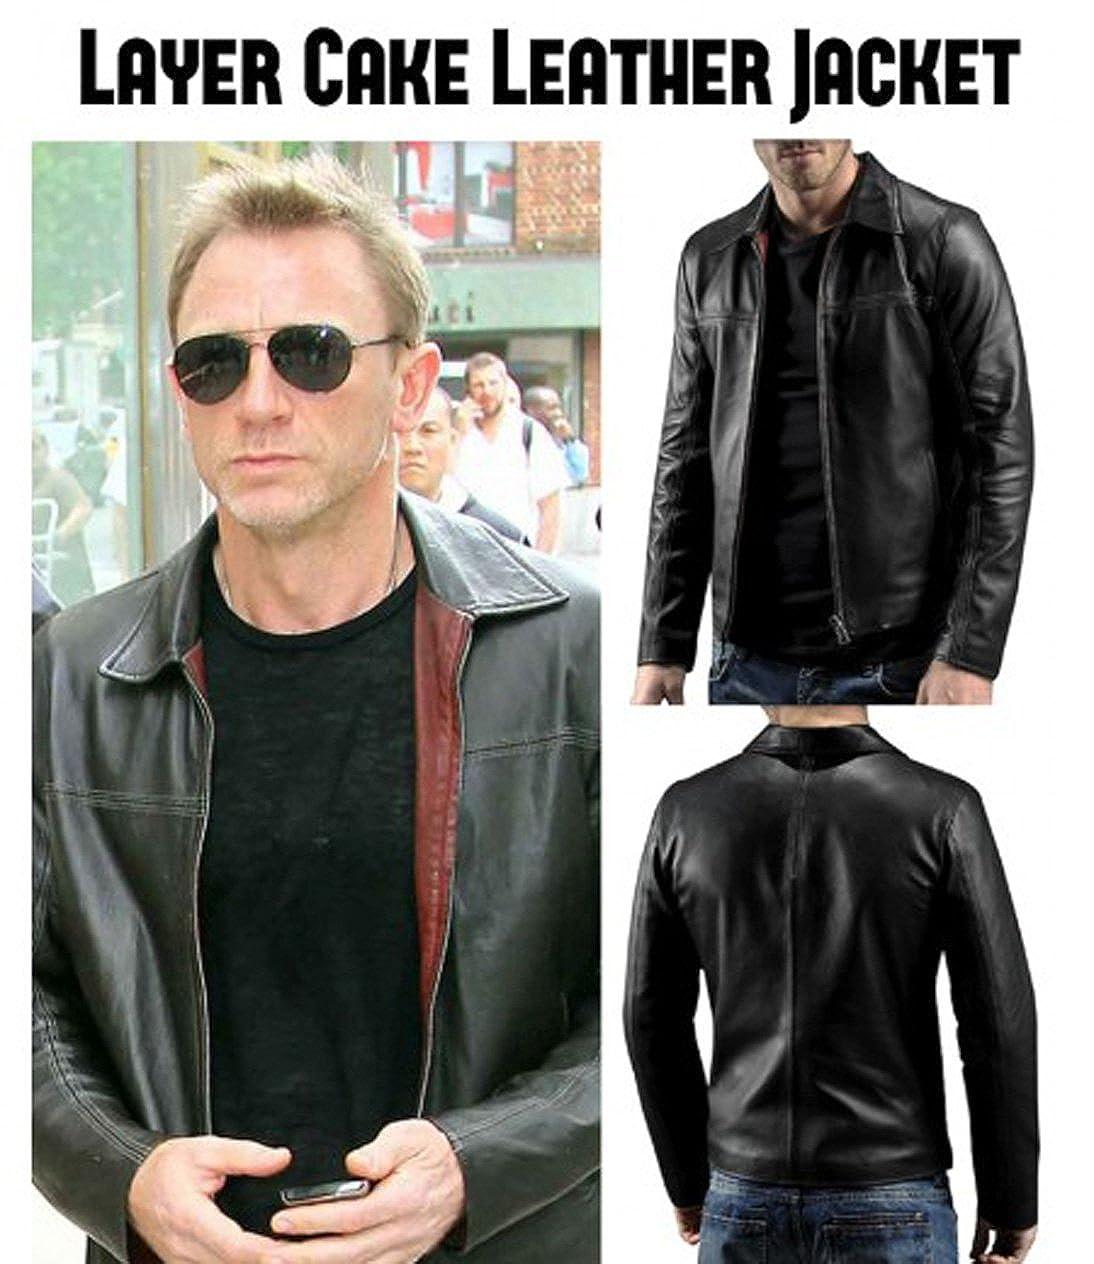 dae7af352fe8 Daniel Craig Layer Cake Leather Jacket (Small)  Amazon.co.uk  Clothing